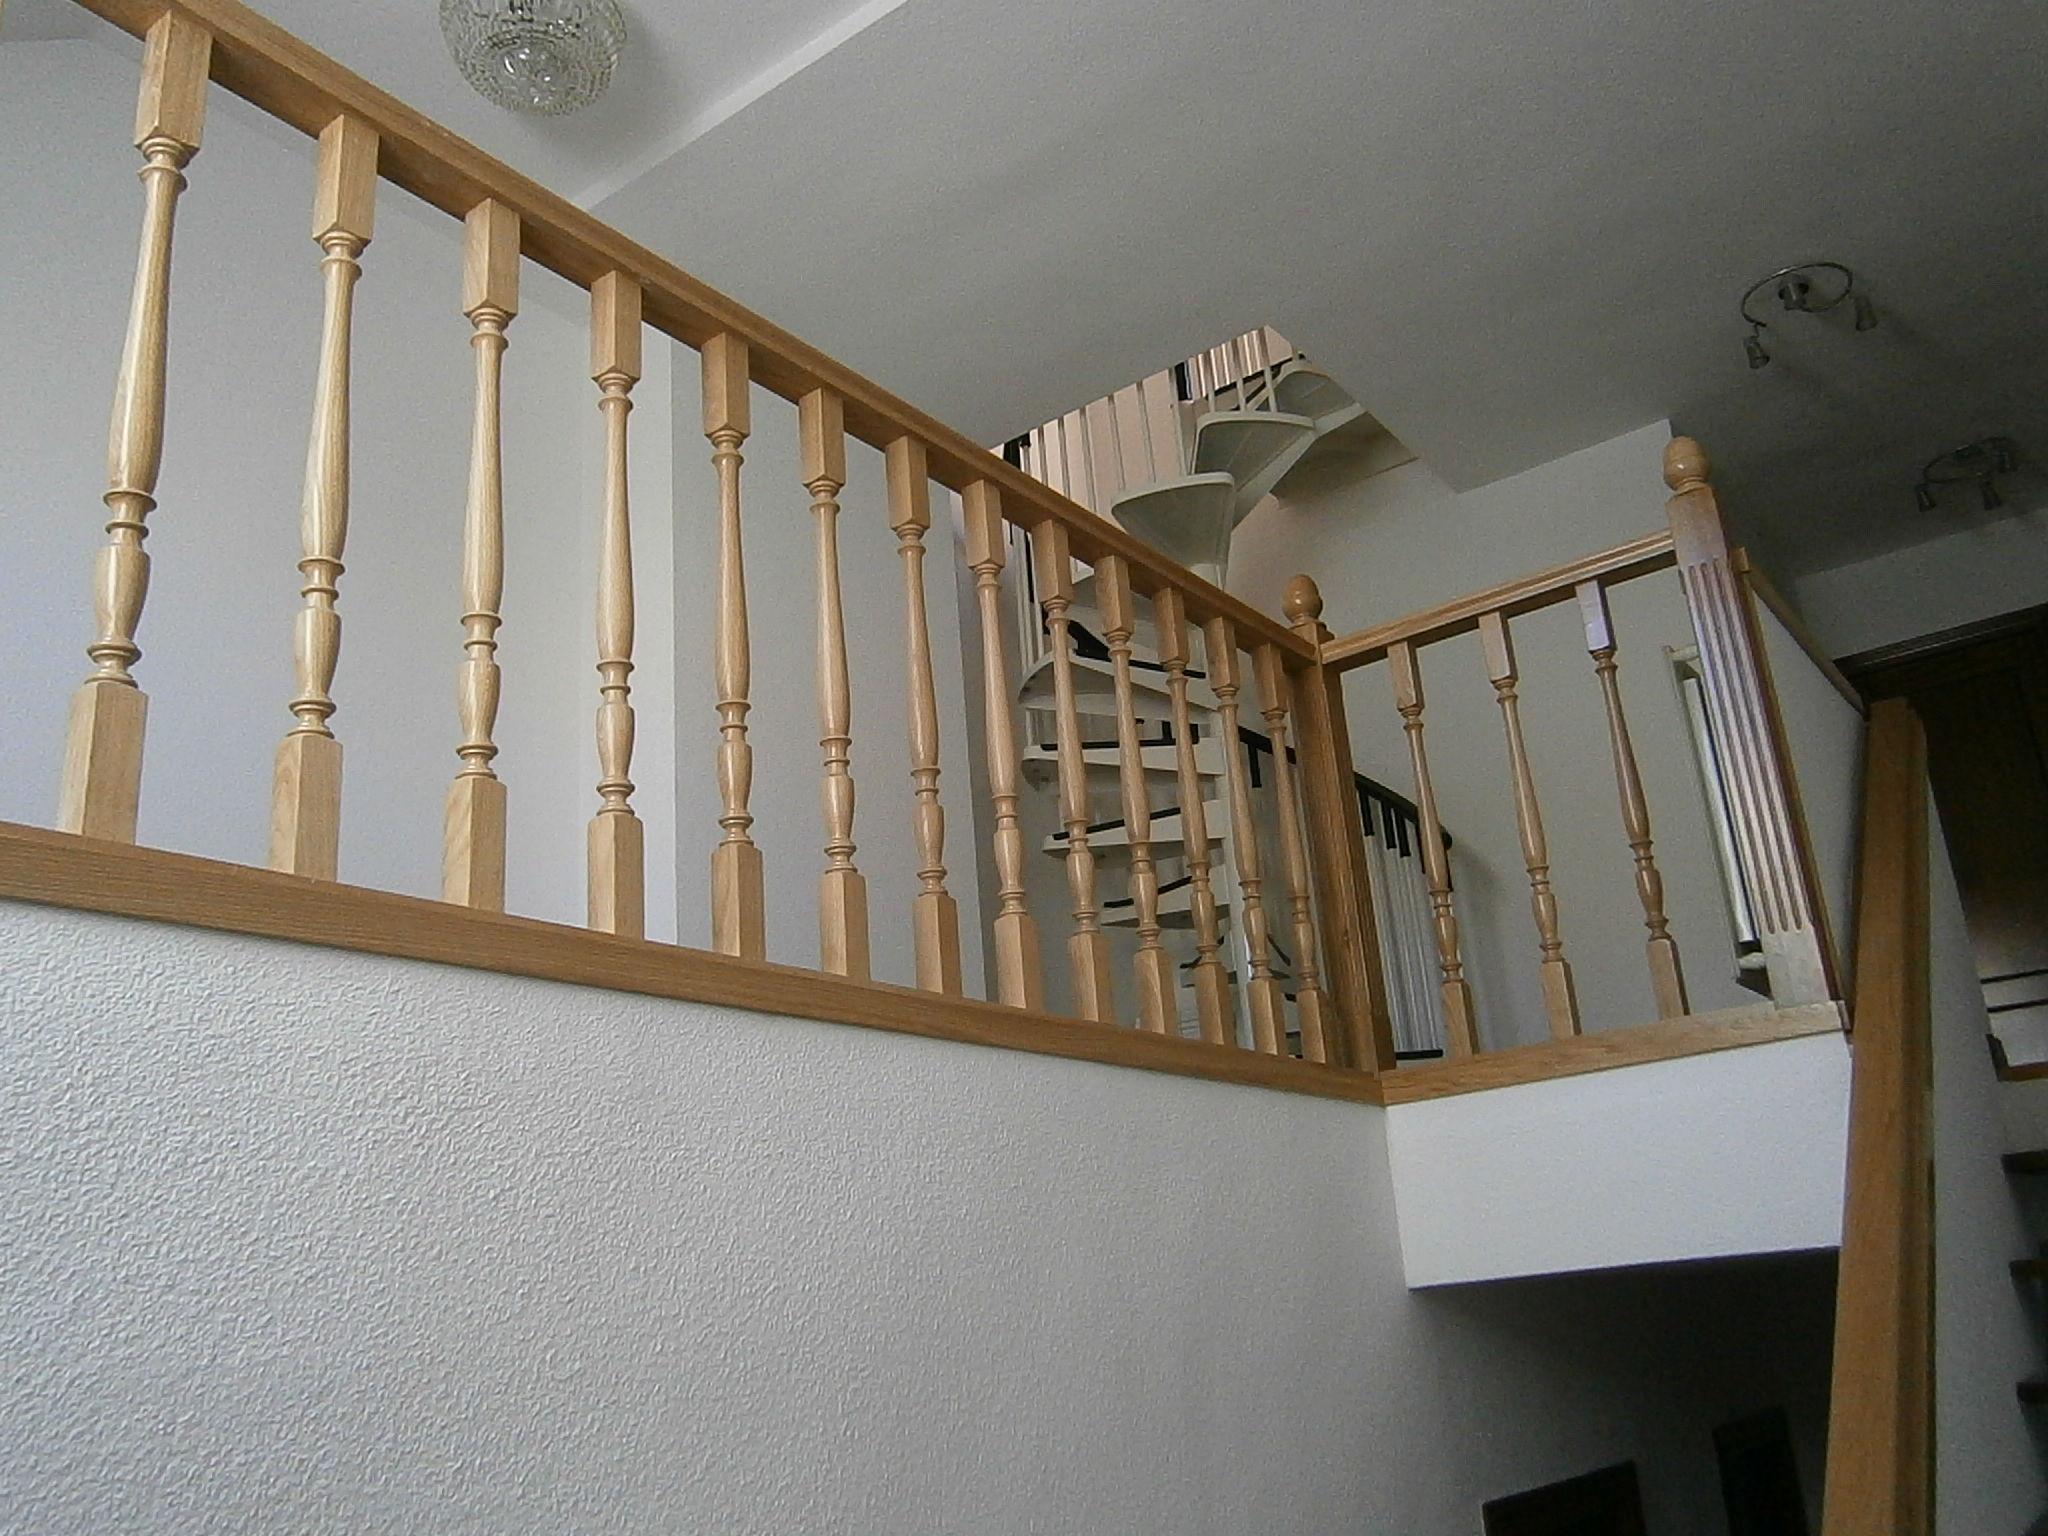 Escaleras de madera a medida cat logo de carpinter a madera y arte - Carpinteria de madera madrid ...